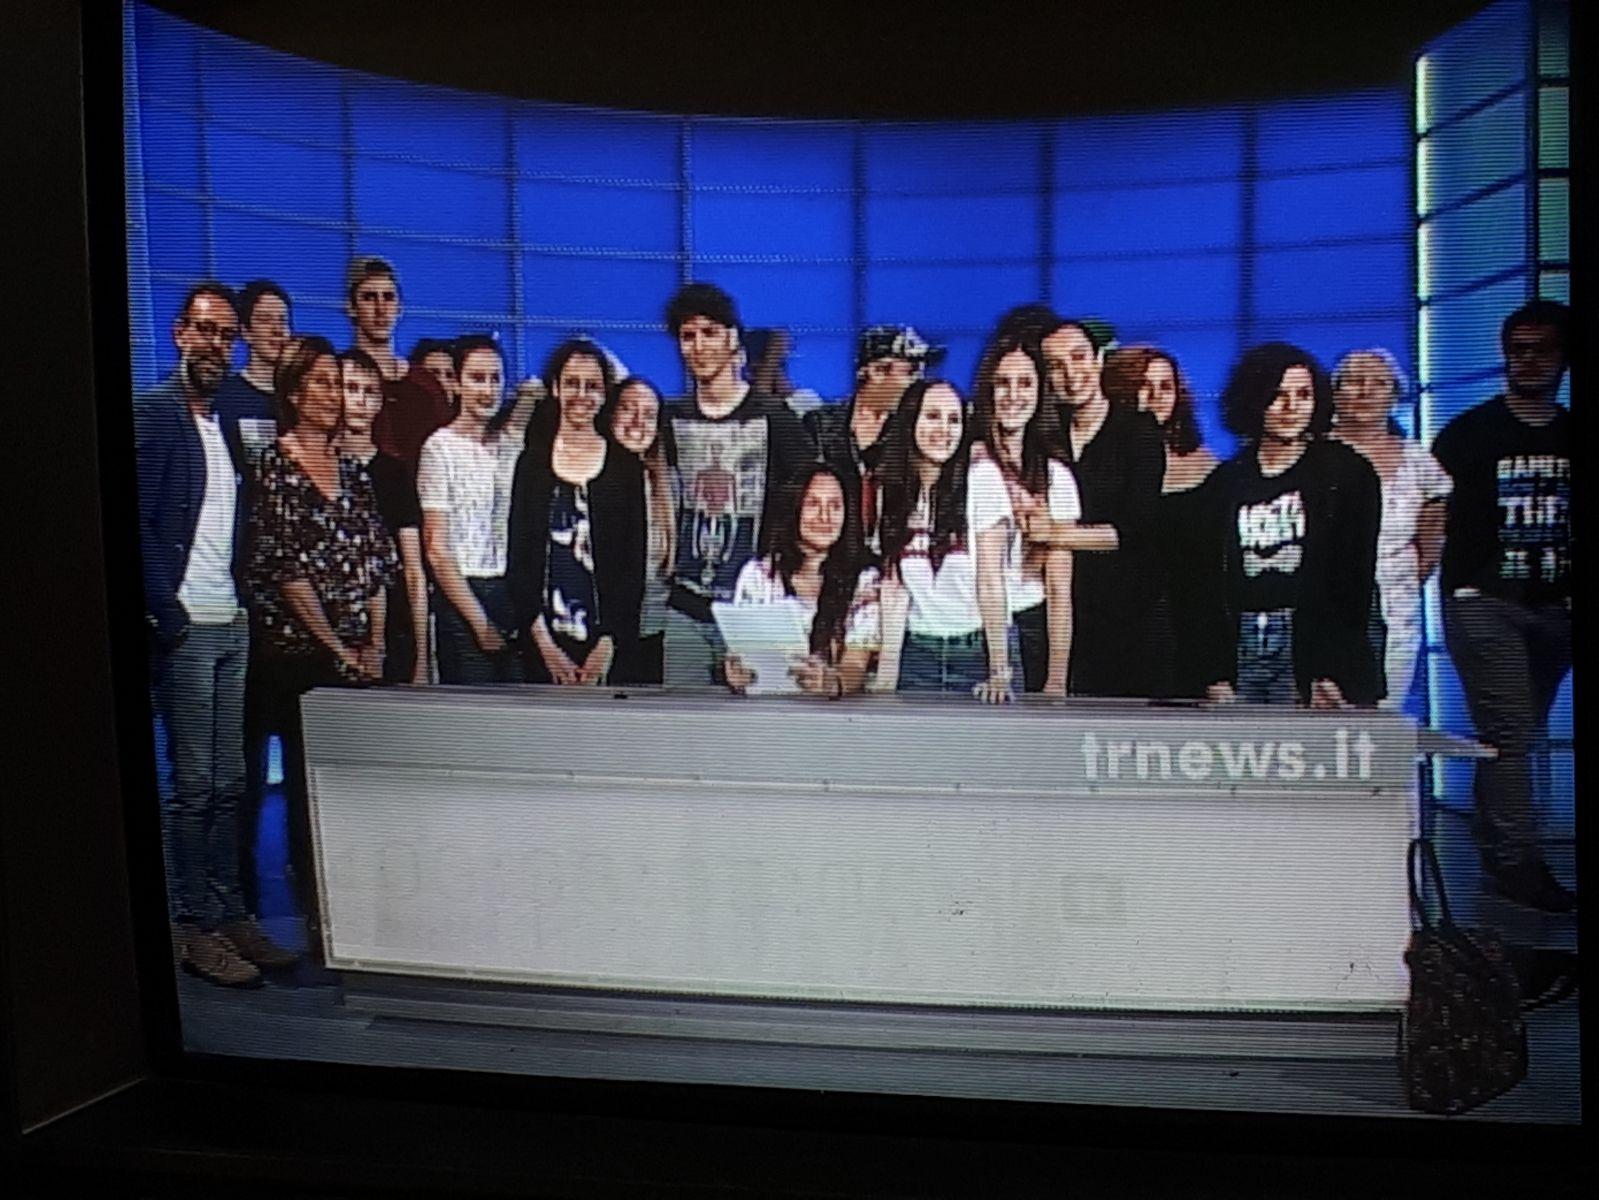 trnews2